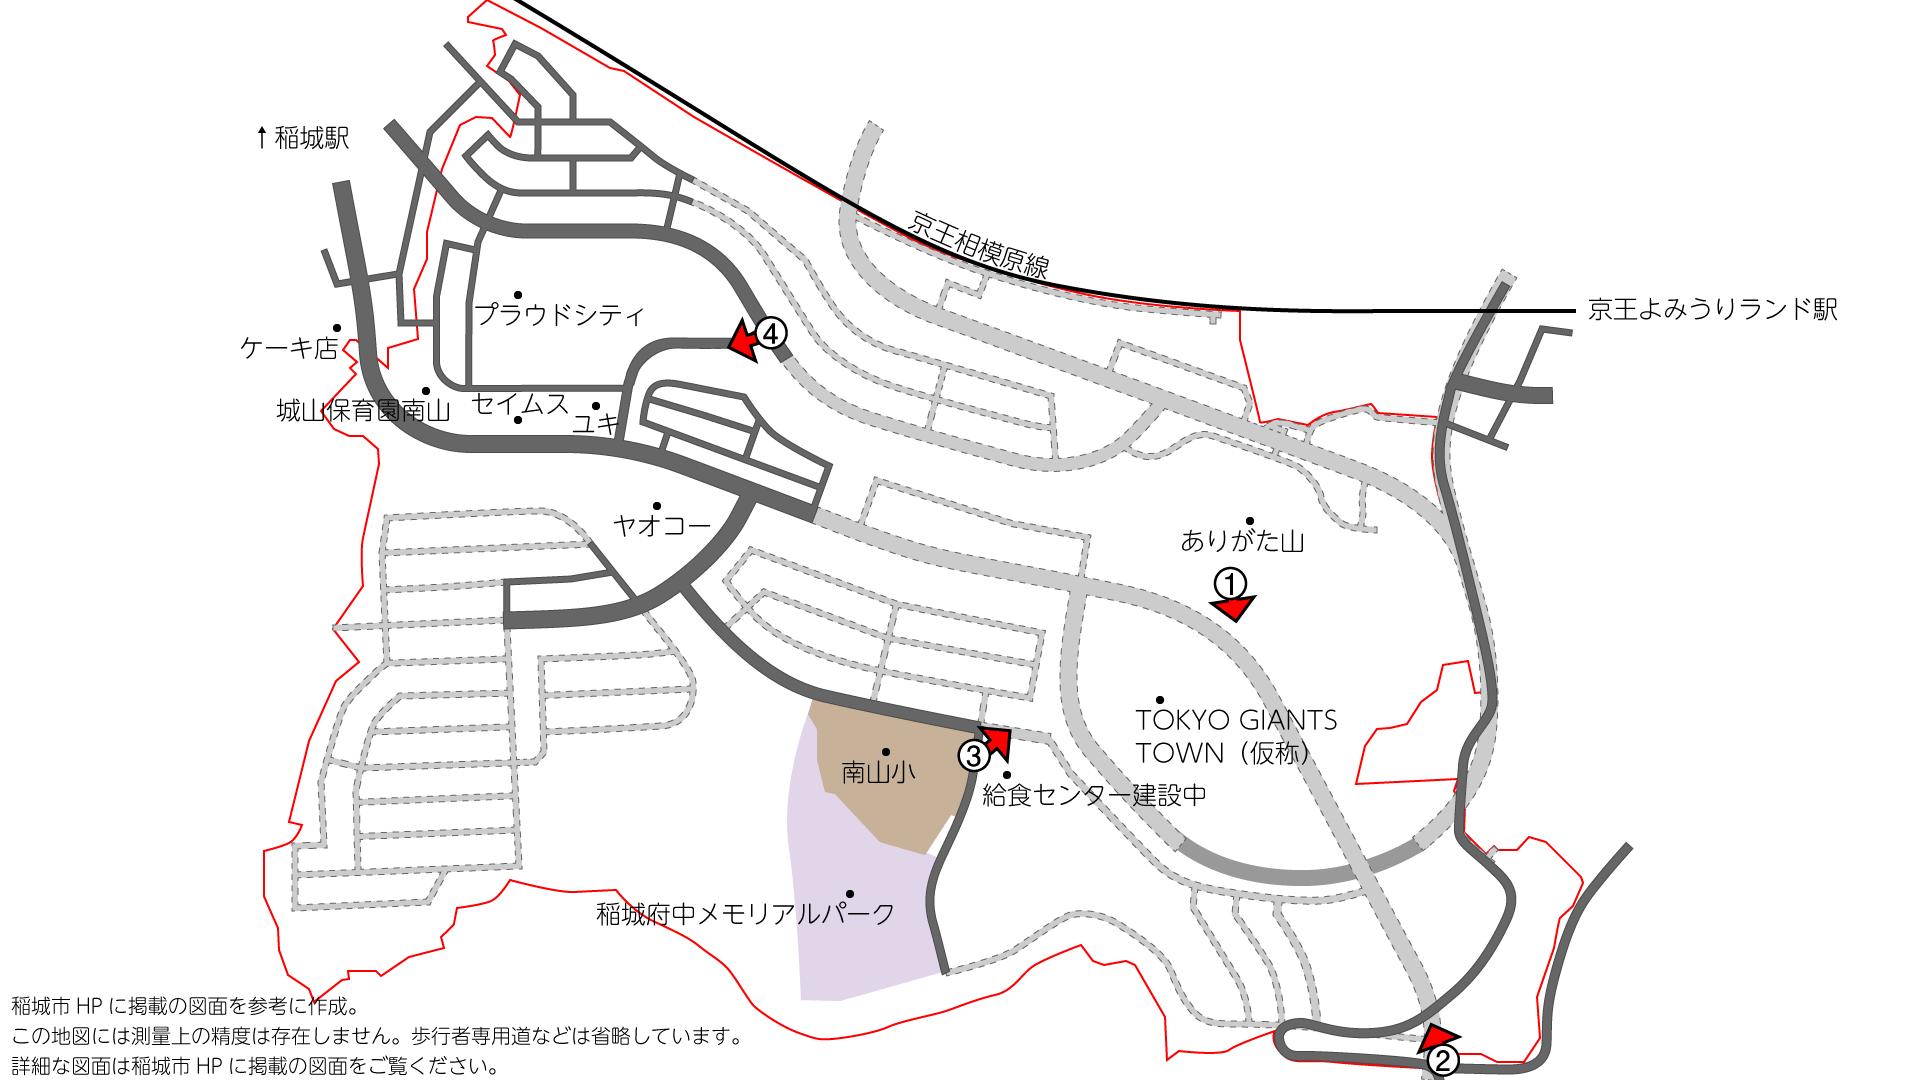 稲城 市 ホームページ